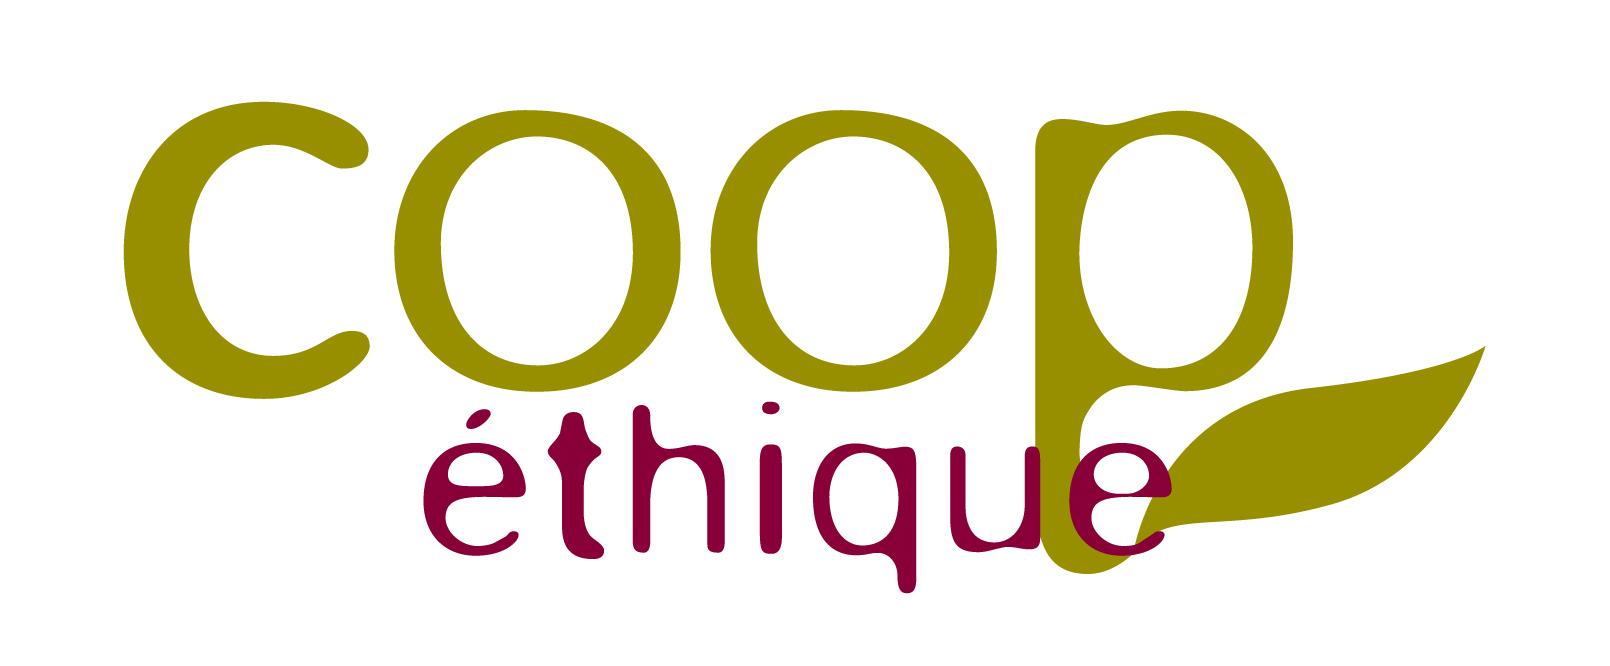 Logo Coop Ethique